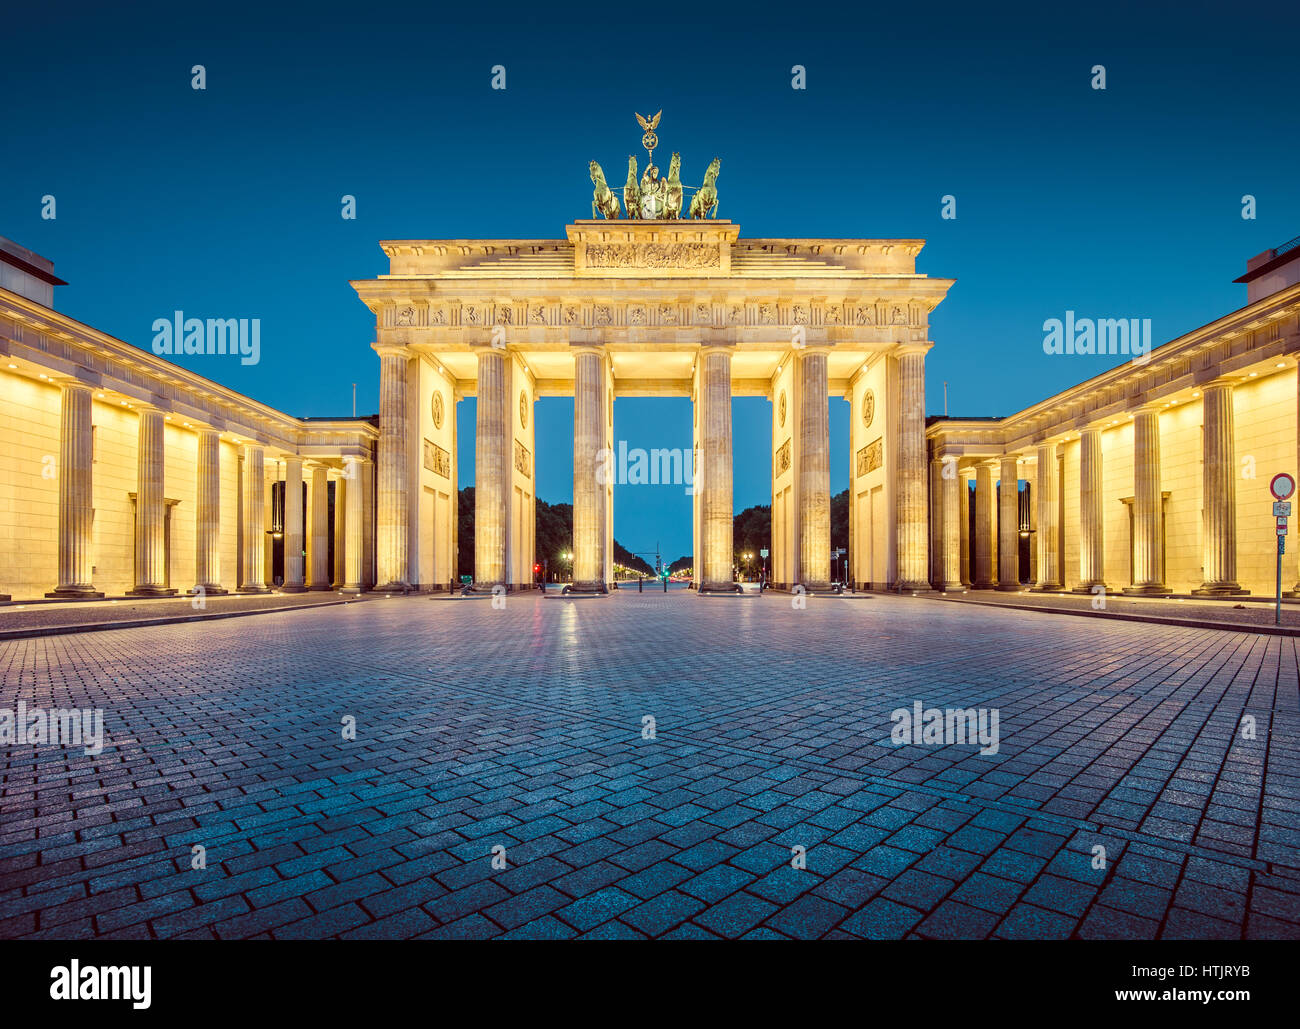 Panorama des berühmten Brandenburger Tor (Brandenburger Tor), eines der bekanntesten Wahrzeichen und nationale Symbole Stockfoto